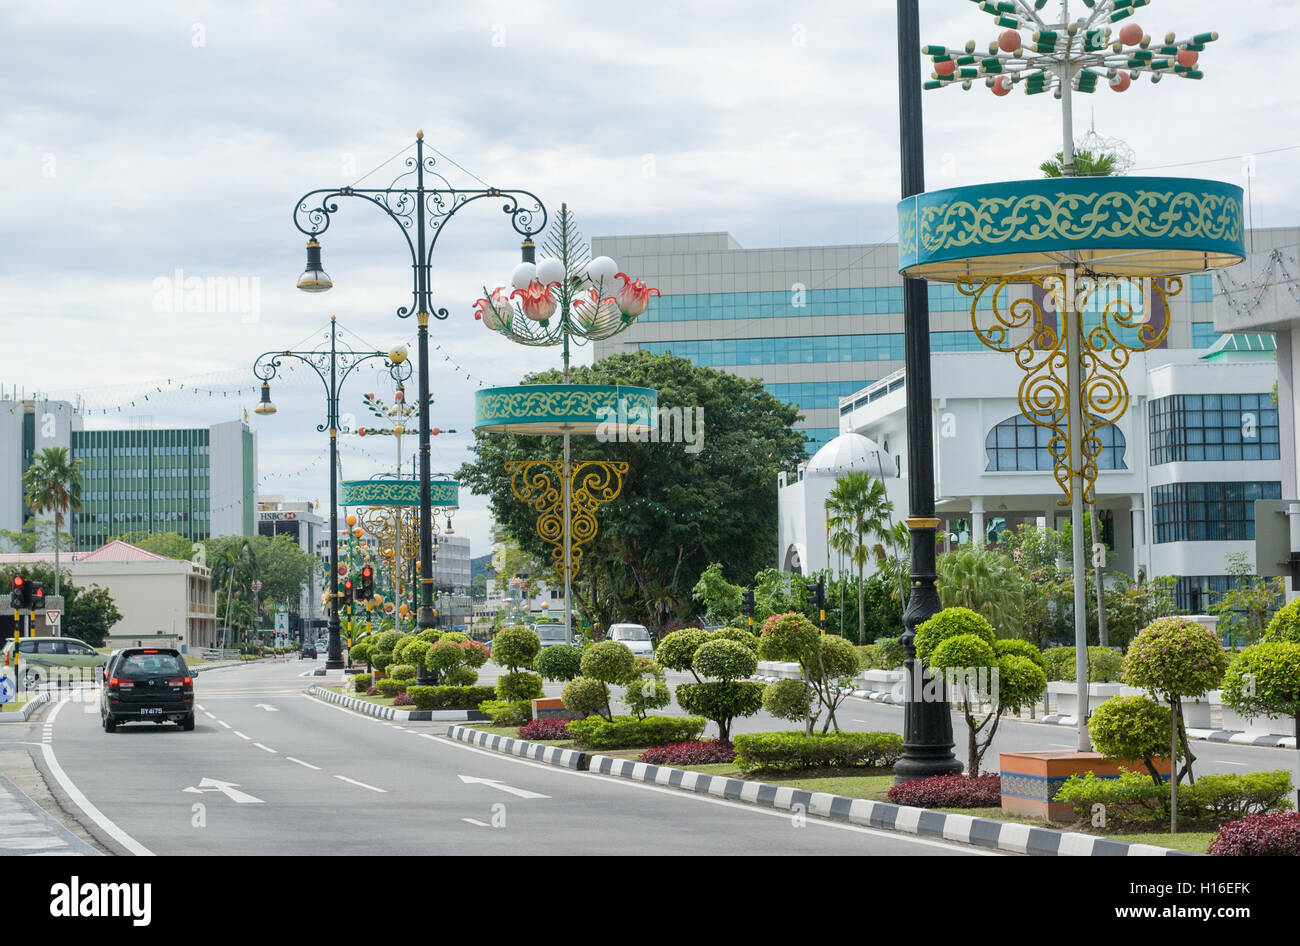 bandar-seri-begawan-with-beautiful-street-lamps-and-topiary-gardens-H16EFK.jpg